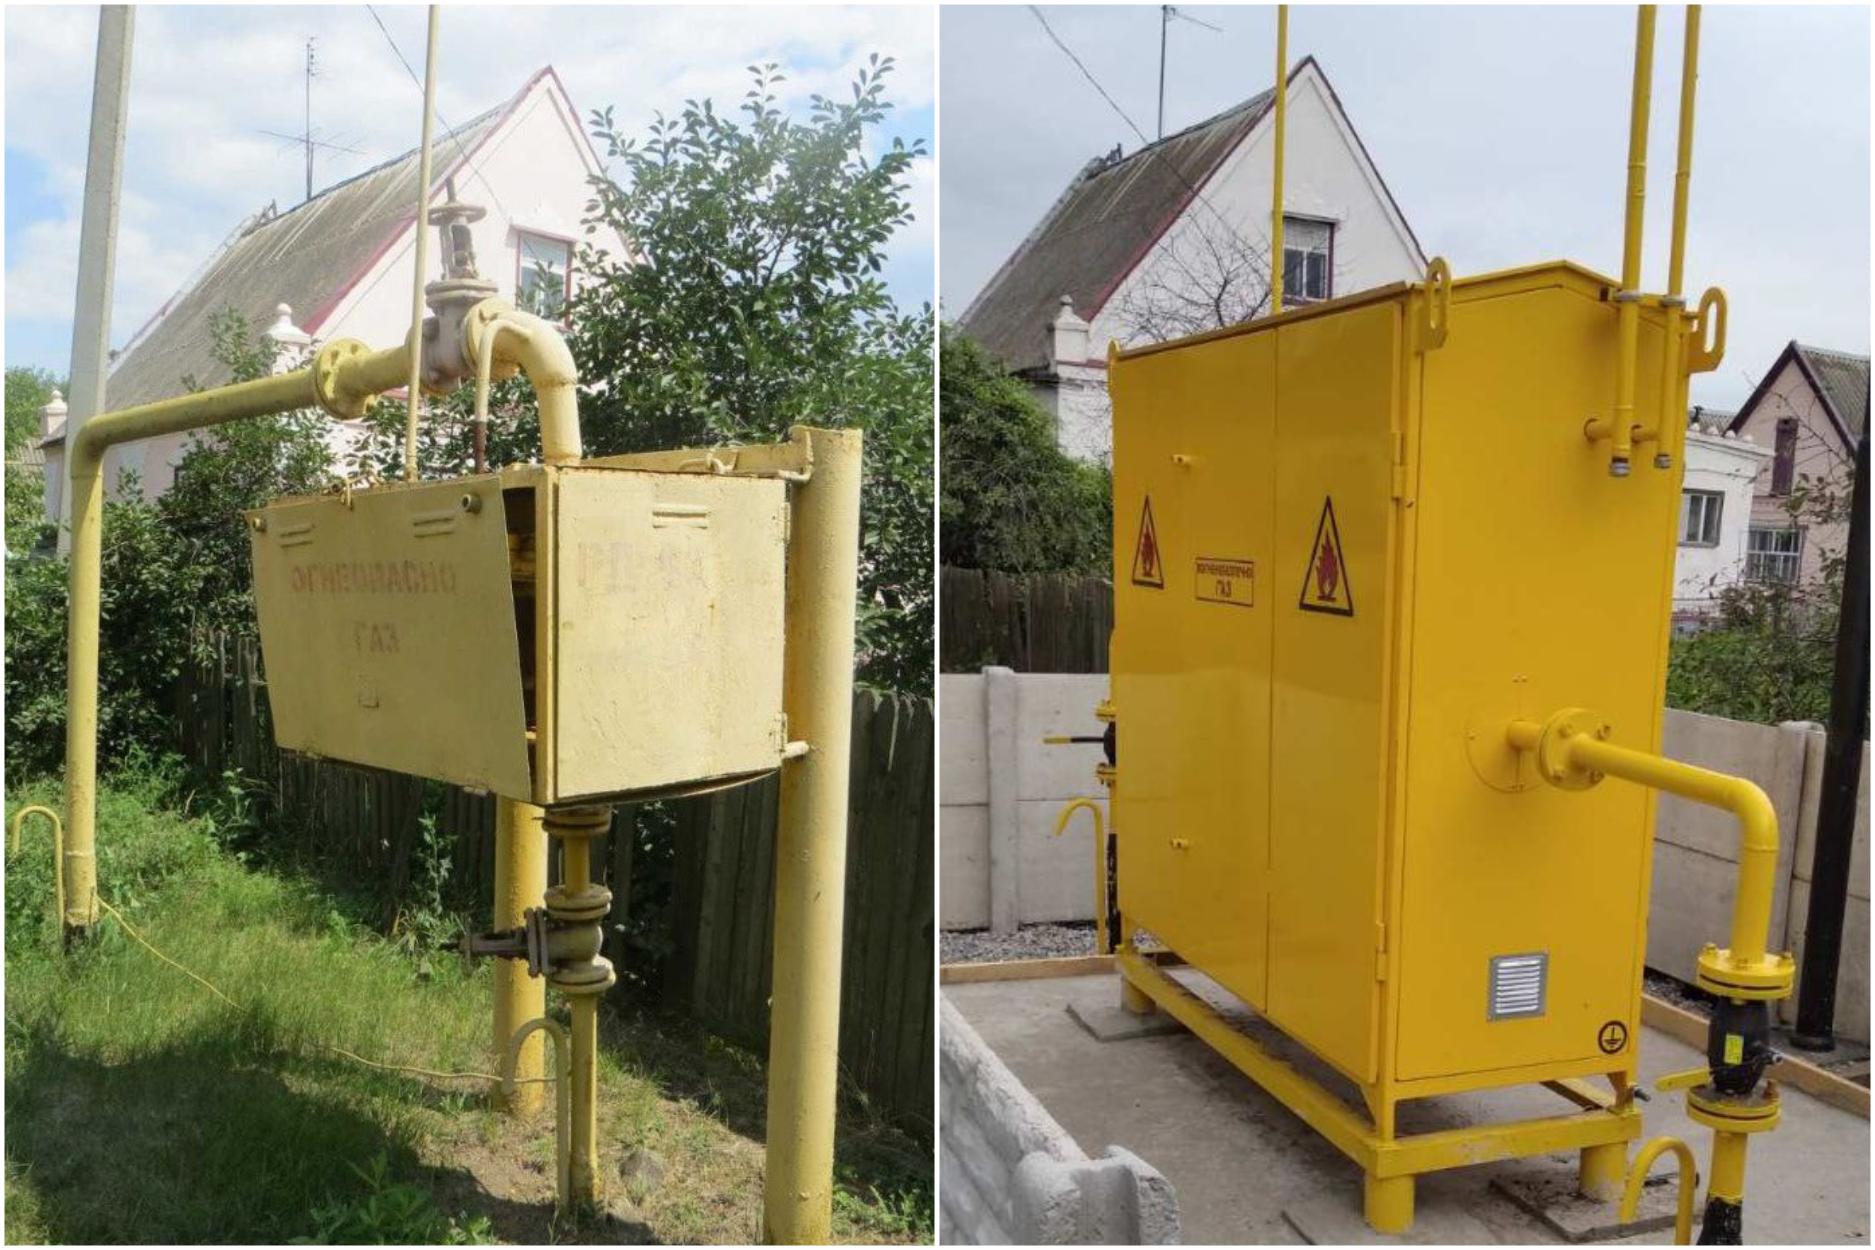 Плата за розподіл газу: навіщо біля будинків стоять «жовті шафи» та як вони економлять мільйони